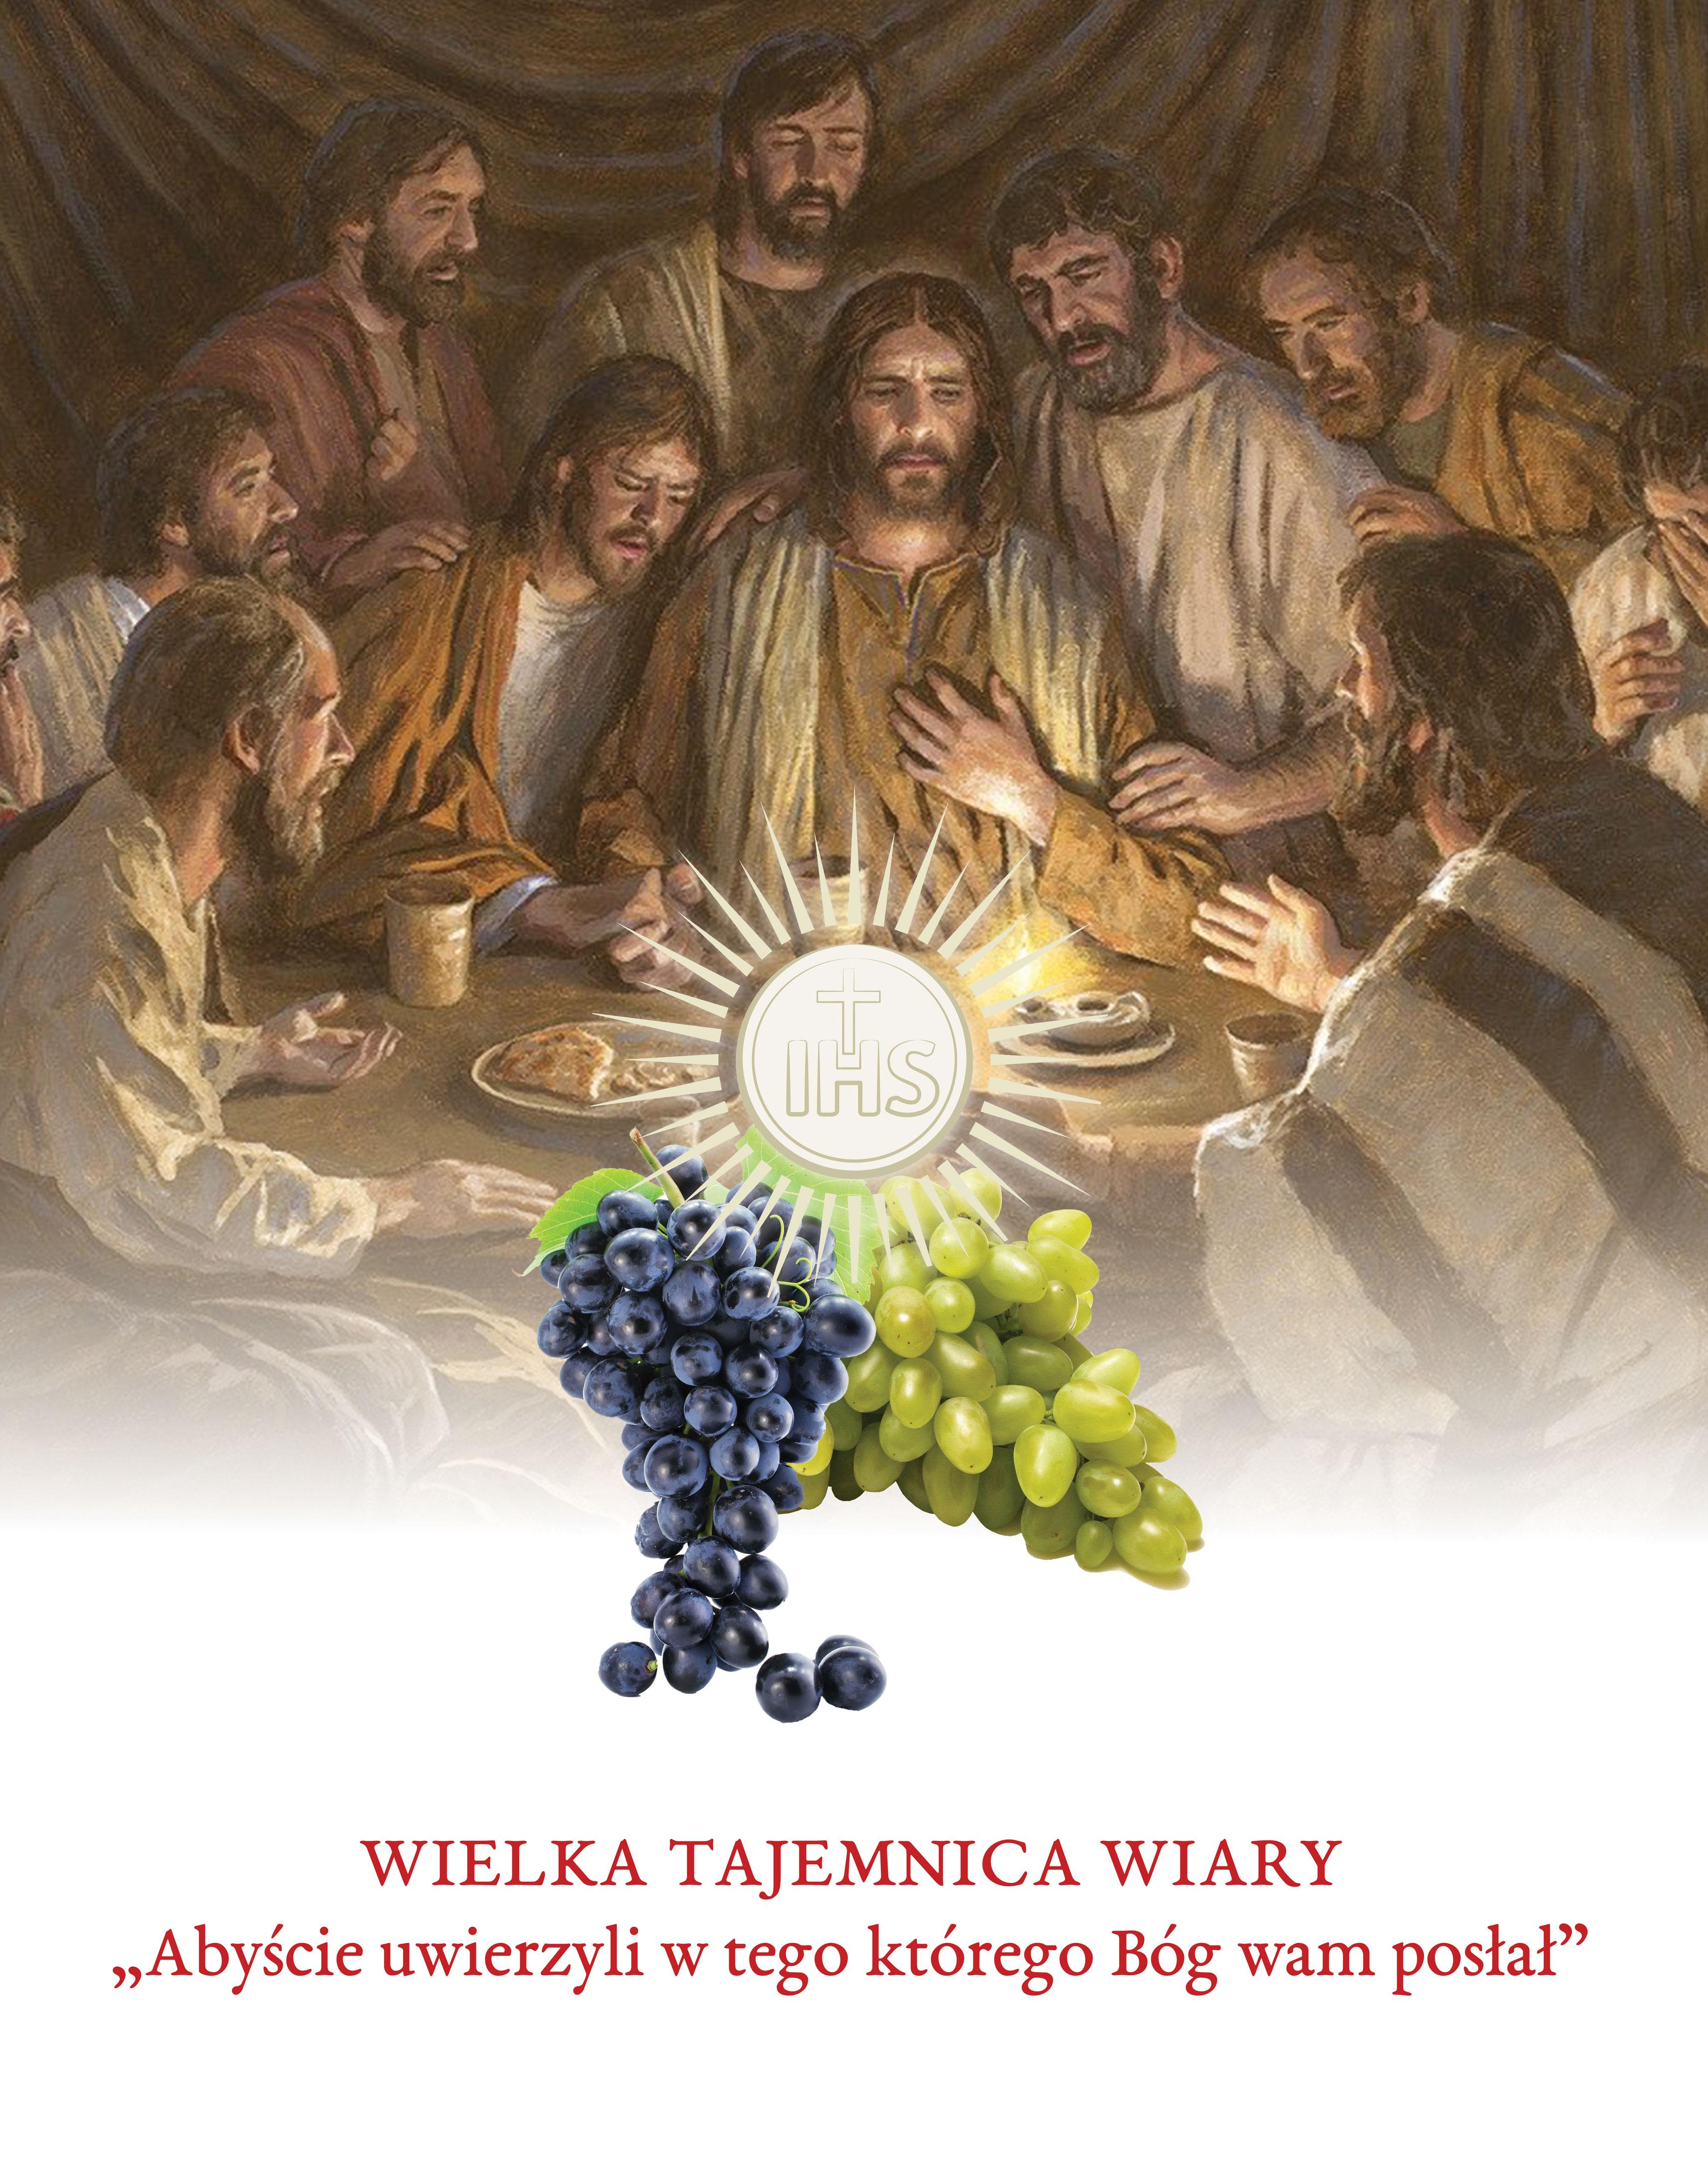 Wielka Tajemnica Wiary - Baner z haslem roku liturgicznego